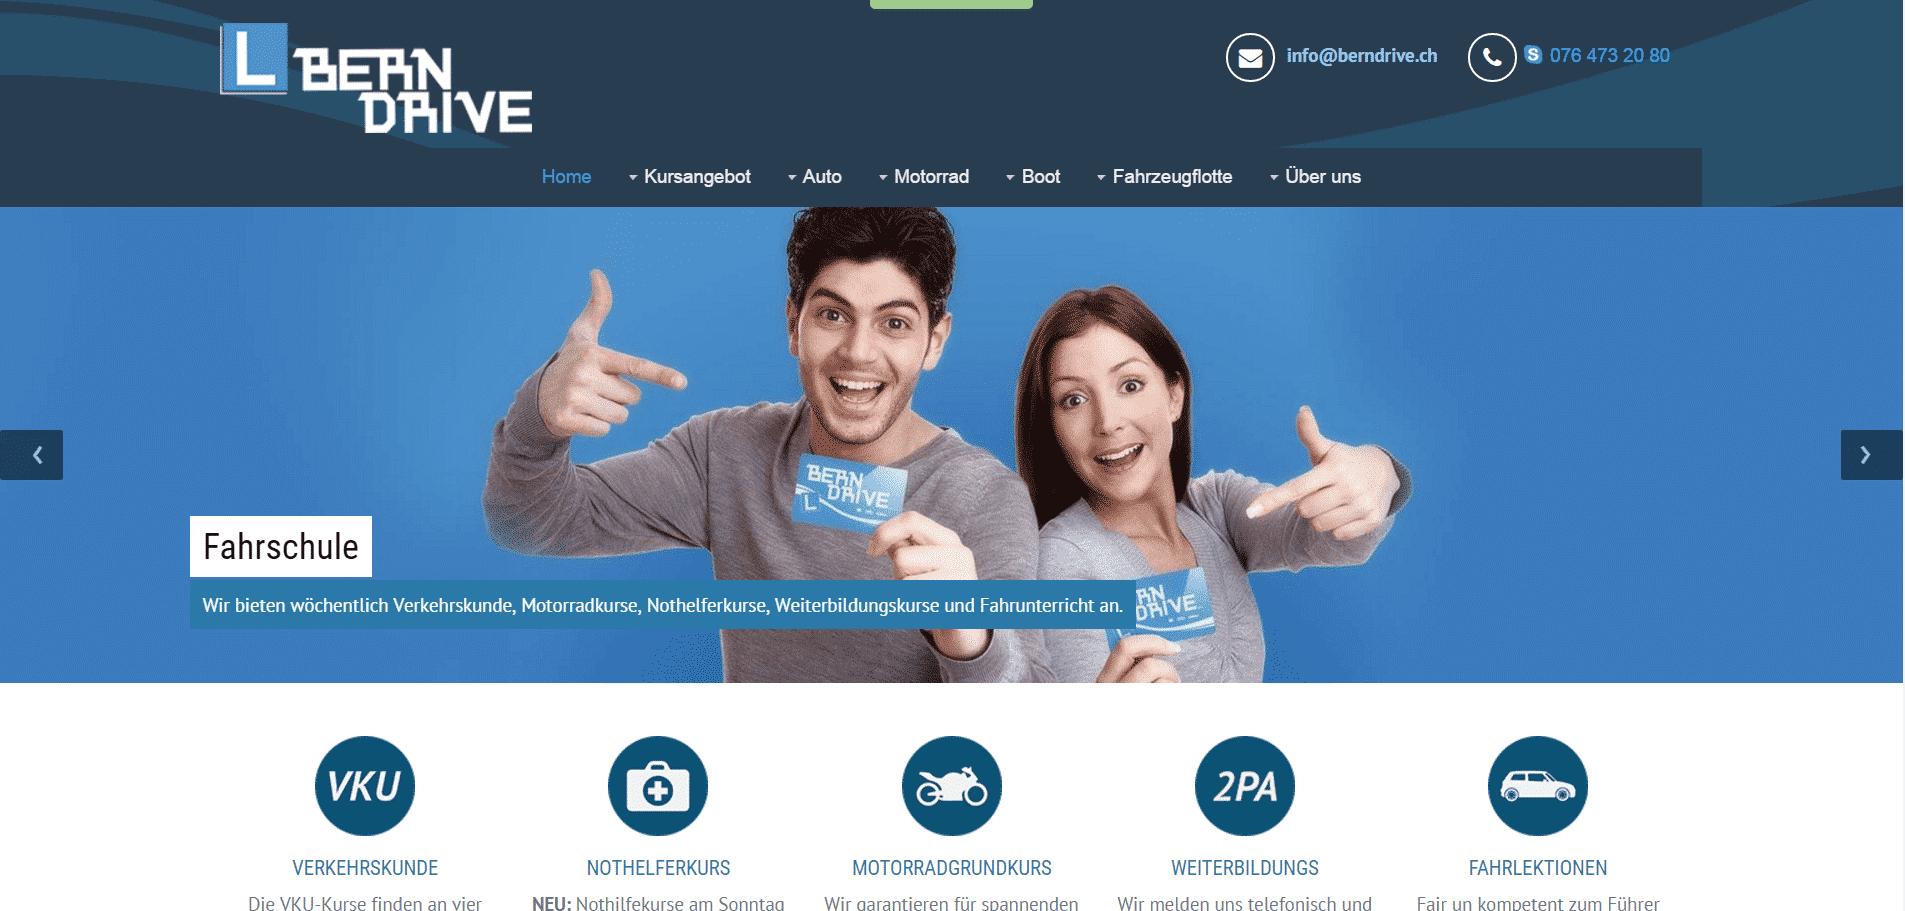 www.berndrive.ch